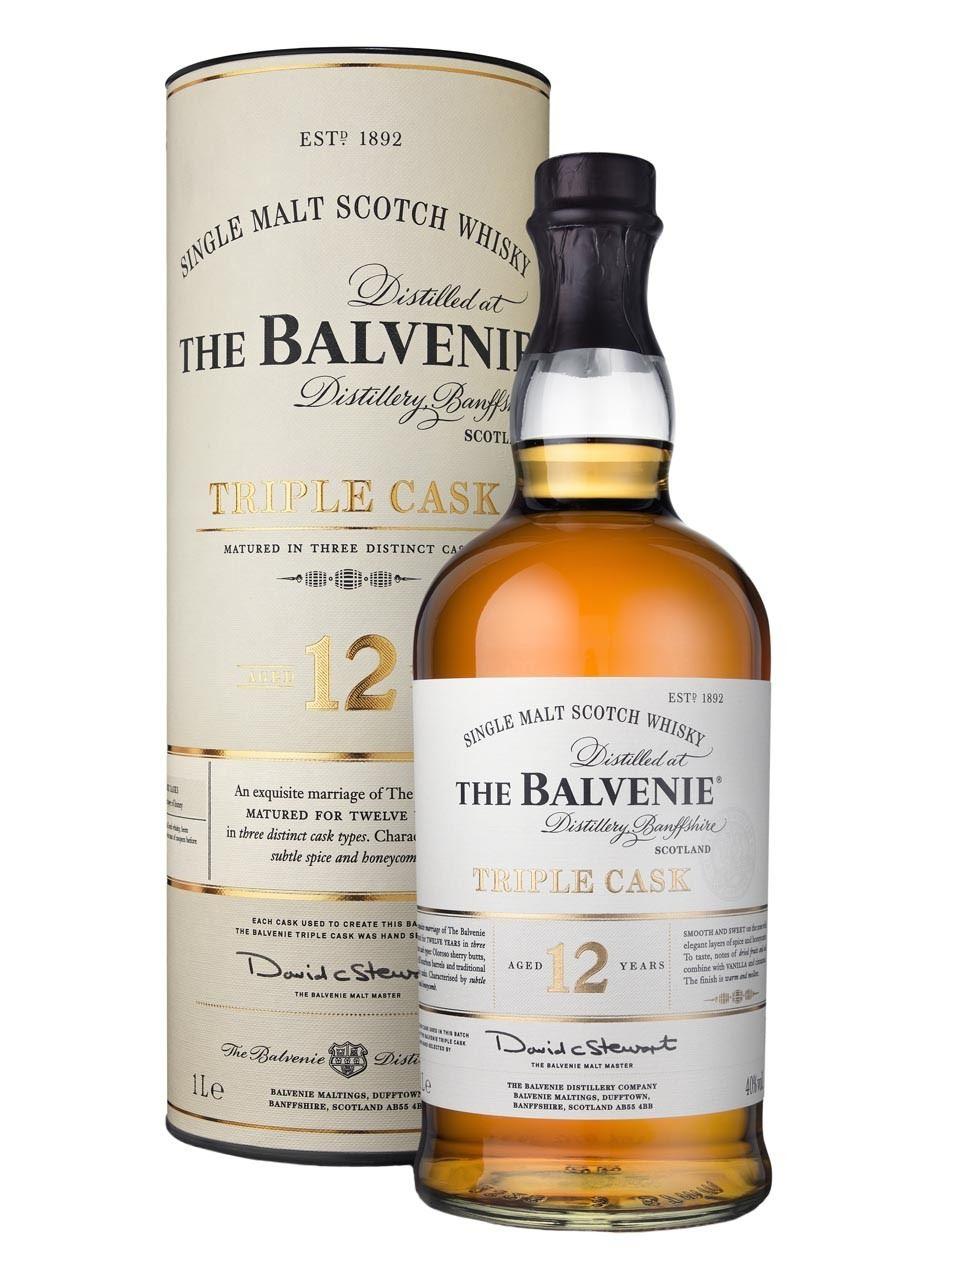 THE BALVENIE TRIBLE CASK 12 Y.O. 100cl